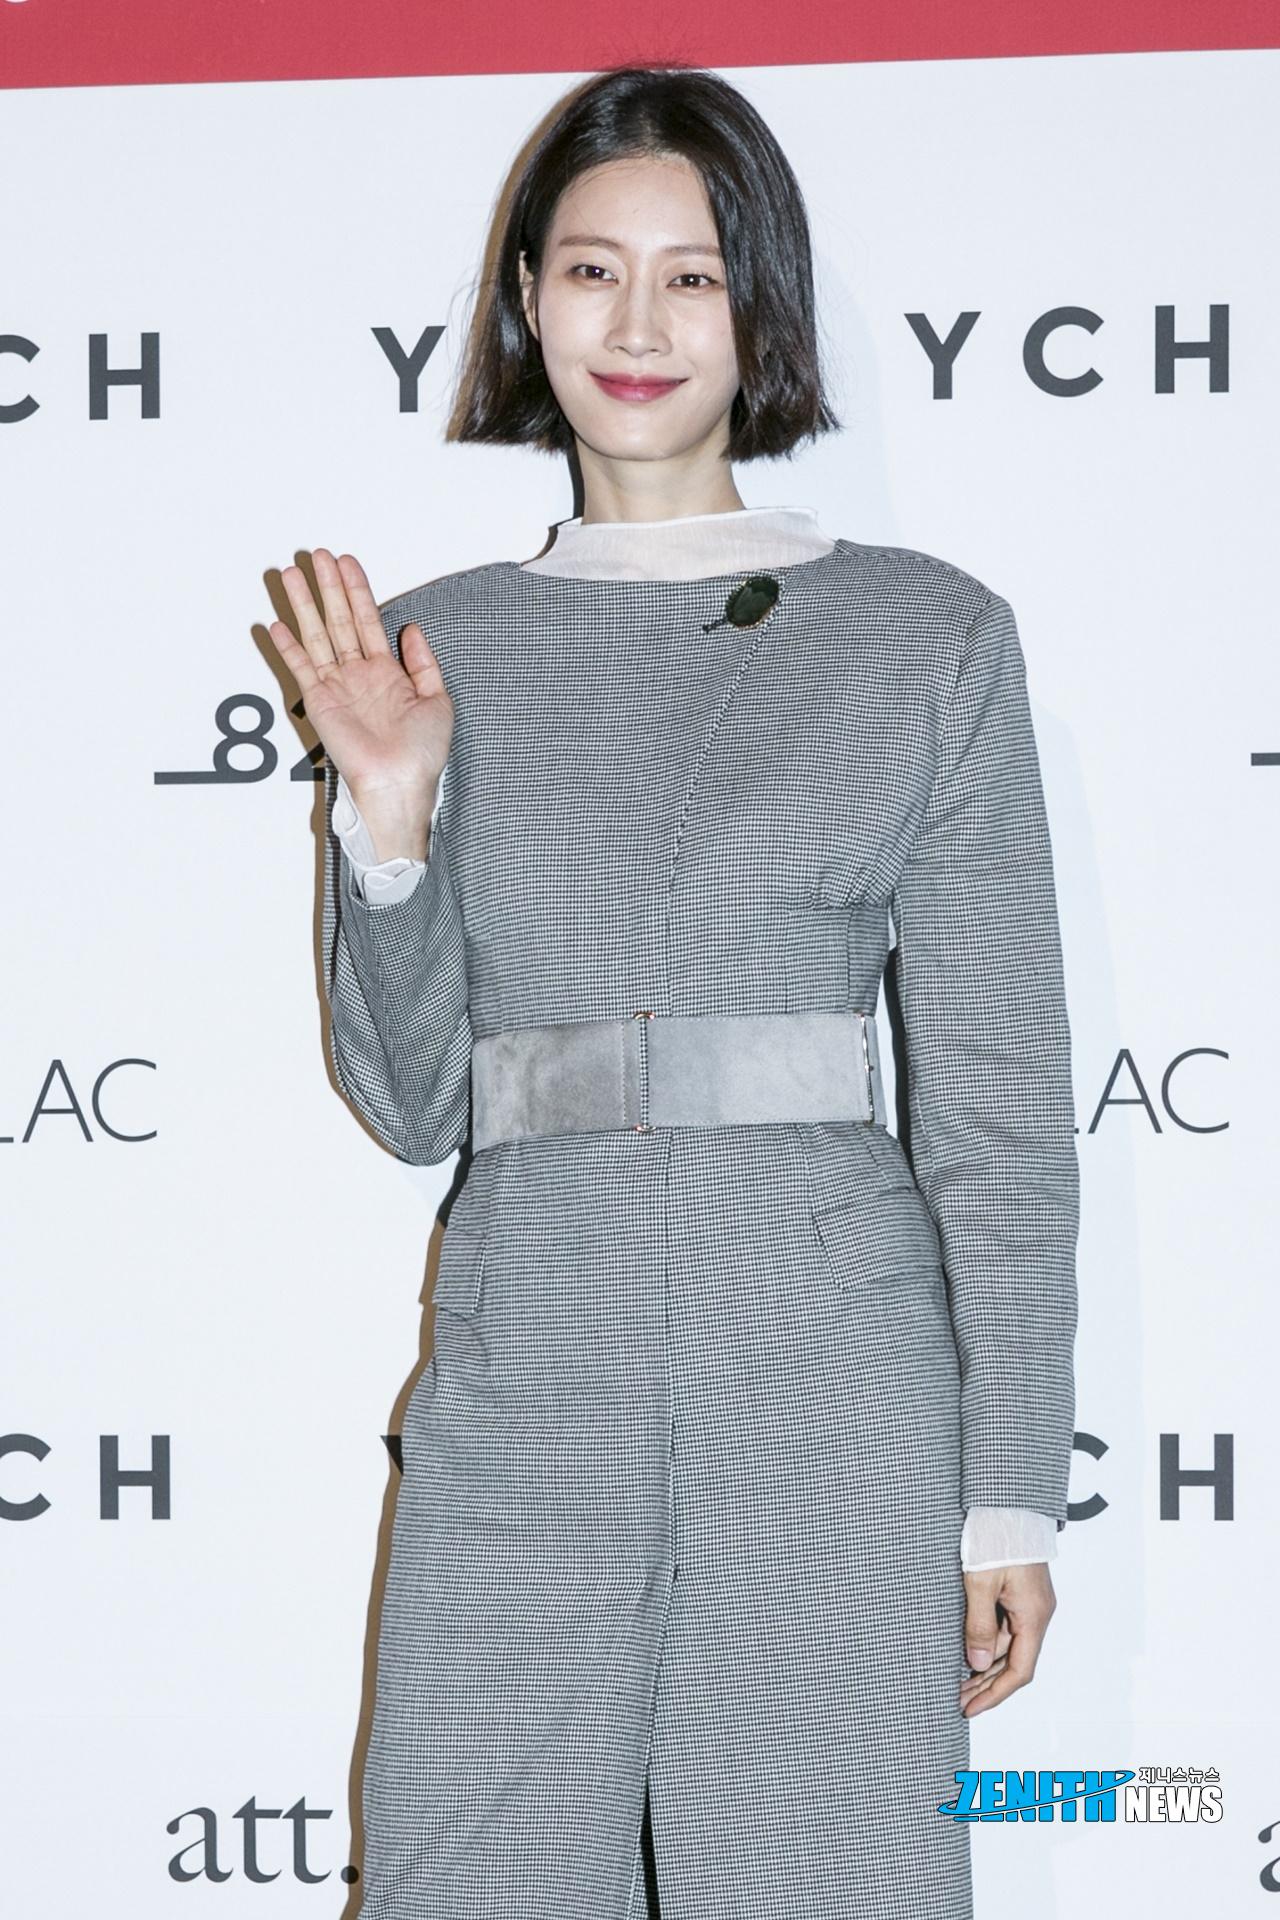 신경용 - 손태영 - 이영진 - 이현이 - 채정안 - 나라